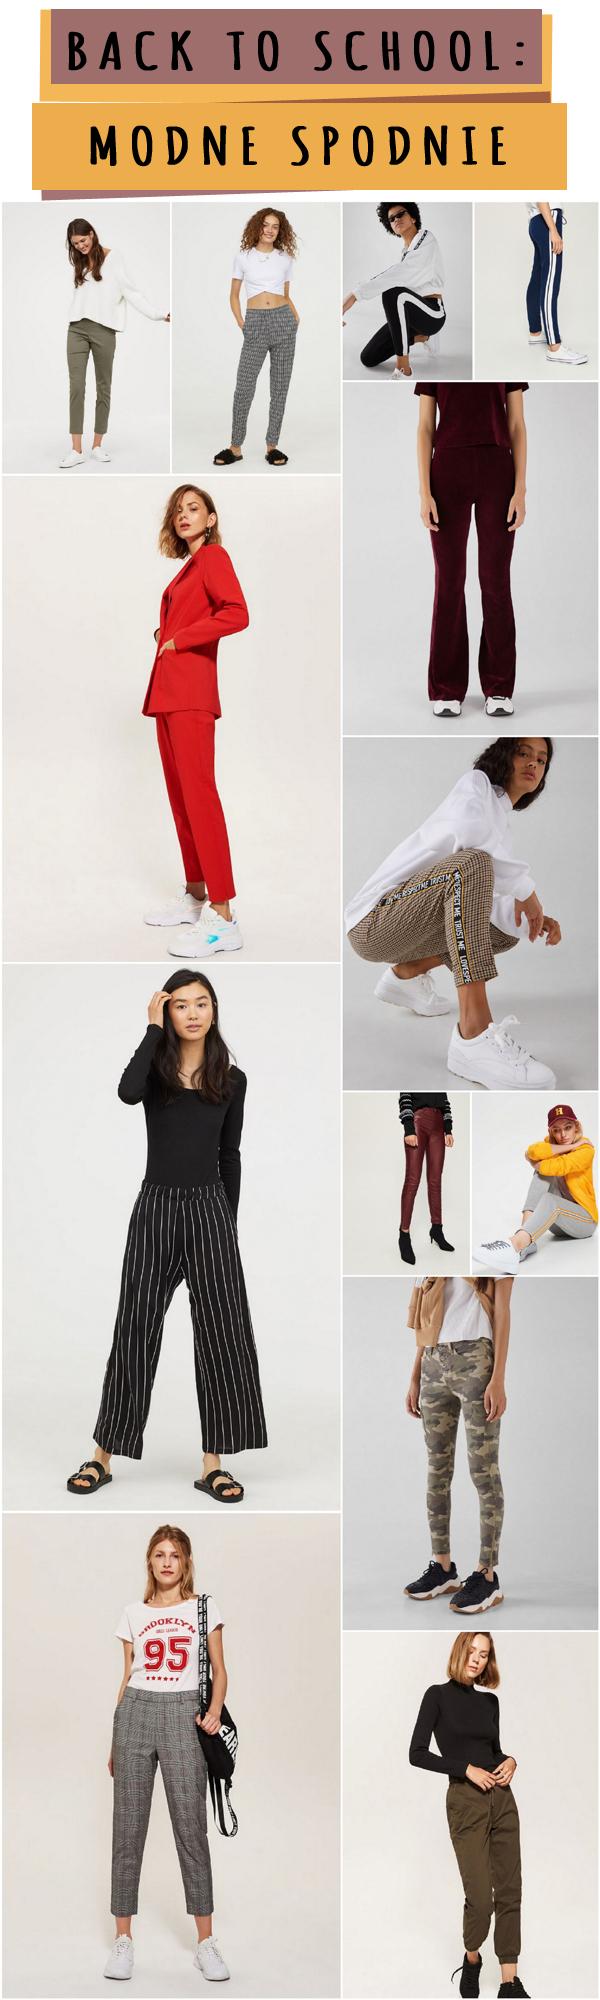 Modne spodnie